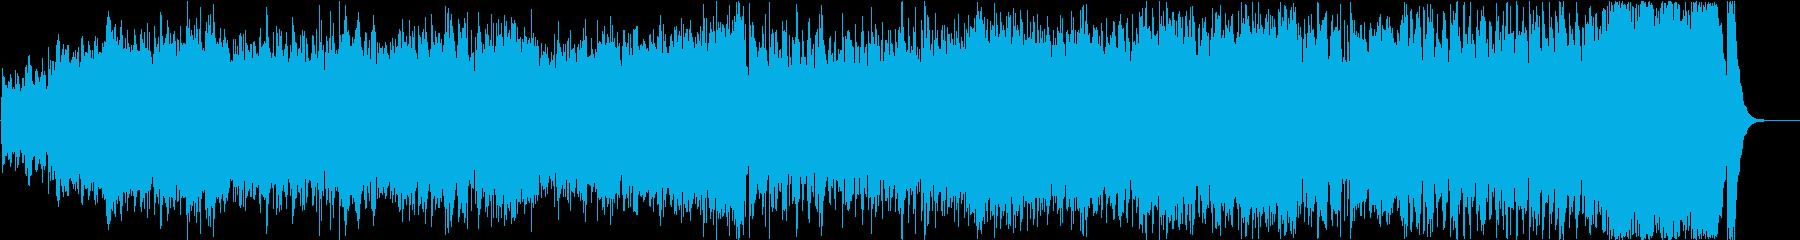 ダークでエキゾチックな壮大オーケストラ1の再生済みの波形